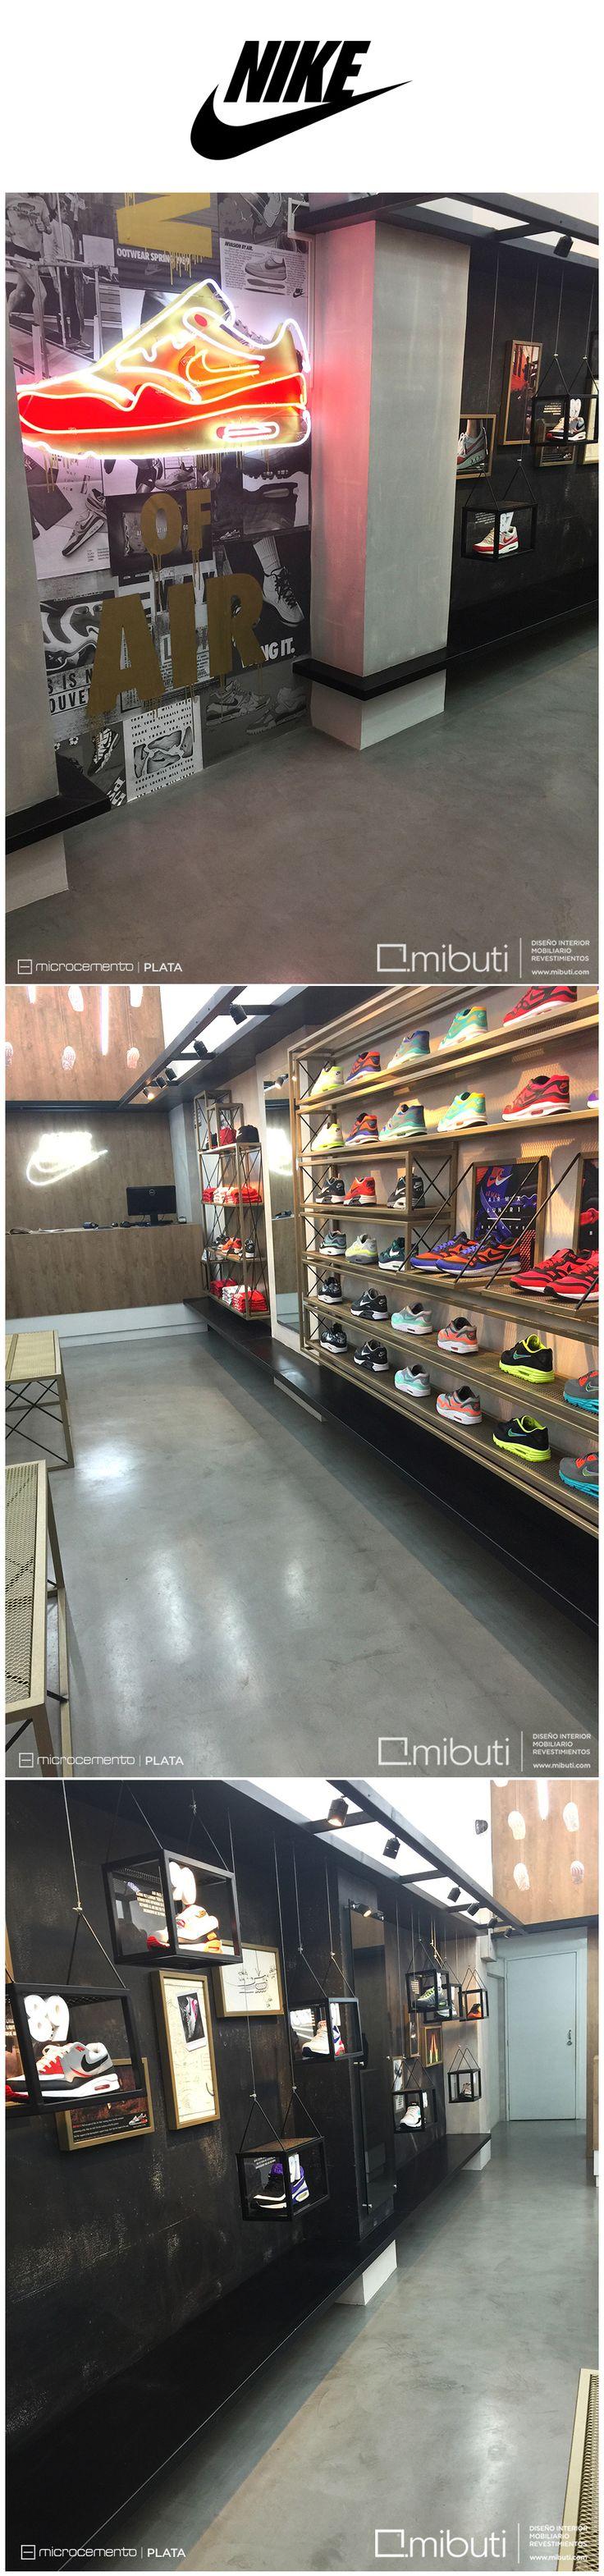 #Mibuti con las Grandes Marcas, esta vez en La Tienda Air Max House de @Nike en la Zona T de #Bogotá que conmemora los 28 años del calzado Air Max. #Pisos en #MicroCemento Gris Acero. #Revestimientos  #Revestimientos  #InteriorDesign #Nike #nikesportwear #popup #bogota #colombia #fashion #airmax